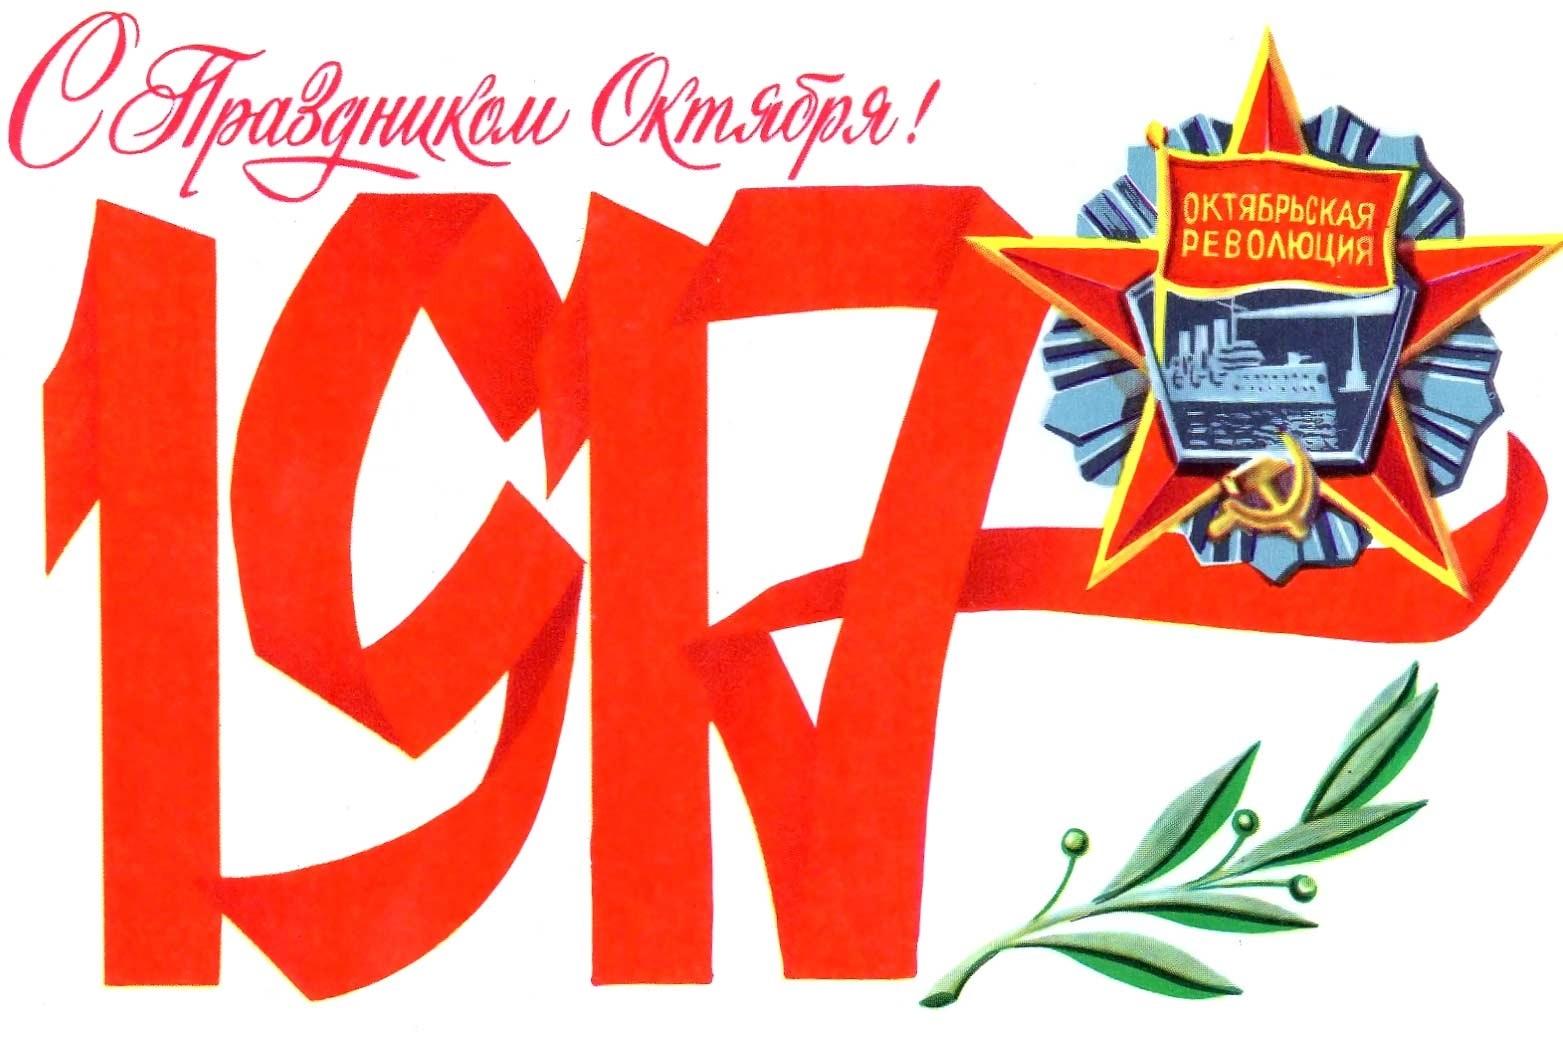 Красивые открытки с днем октябрьской революции 7 ноября003